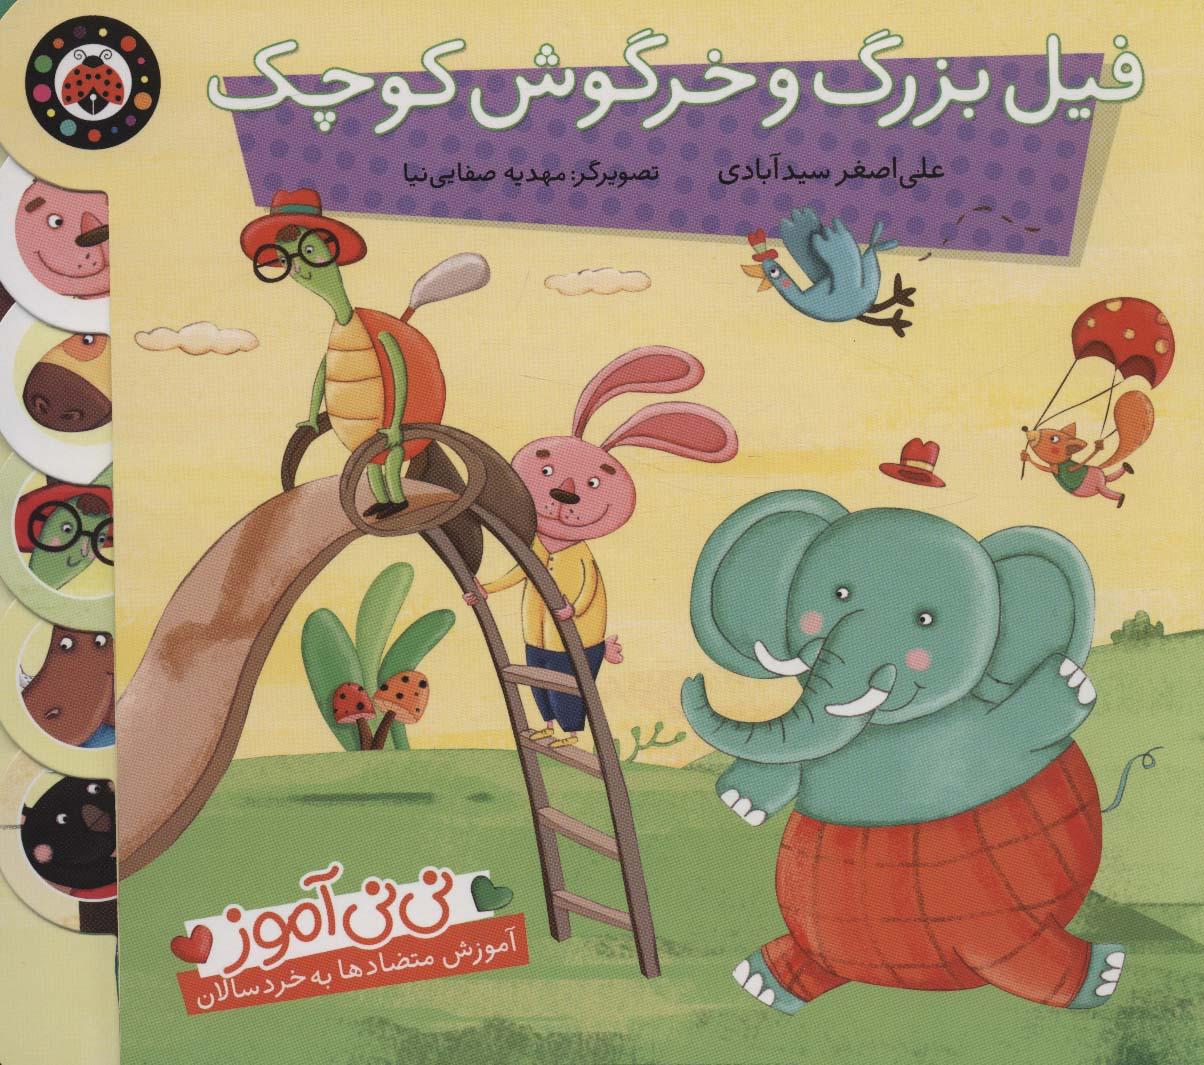 نی نی آموز:آموزش متضادها به خردسالان (فیل بزرگ و خرگوش کوچک)